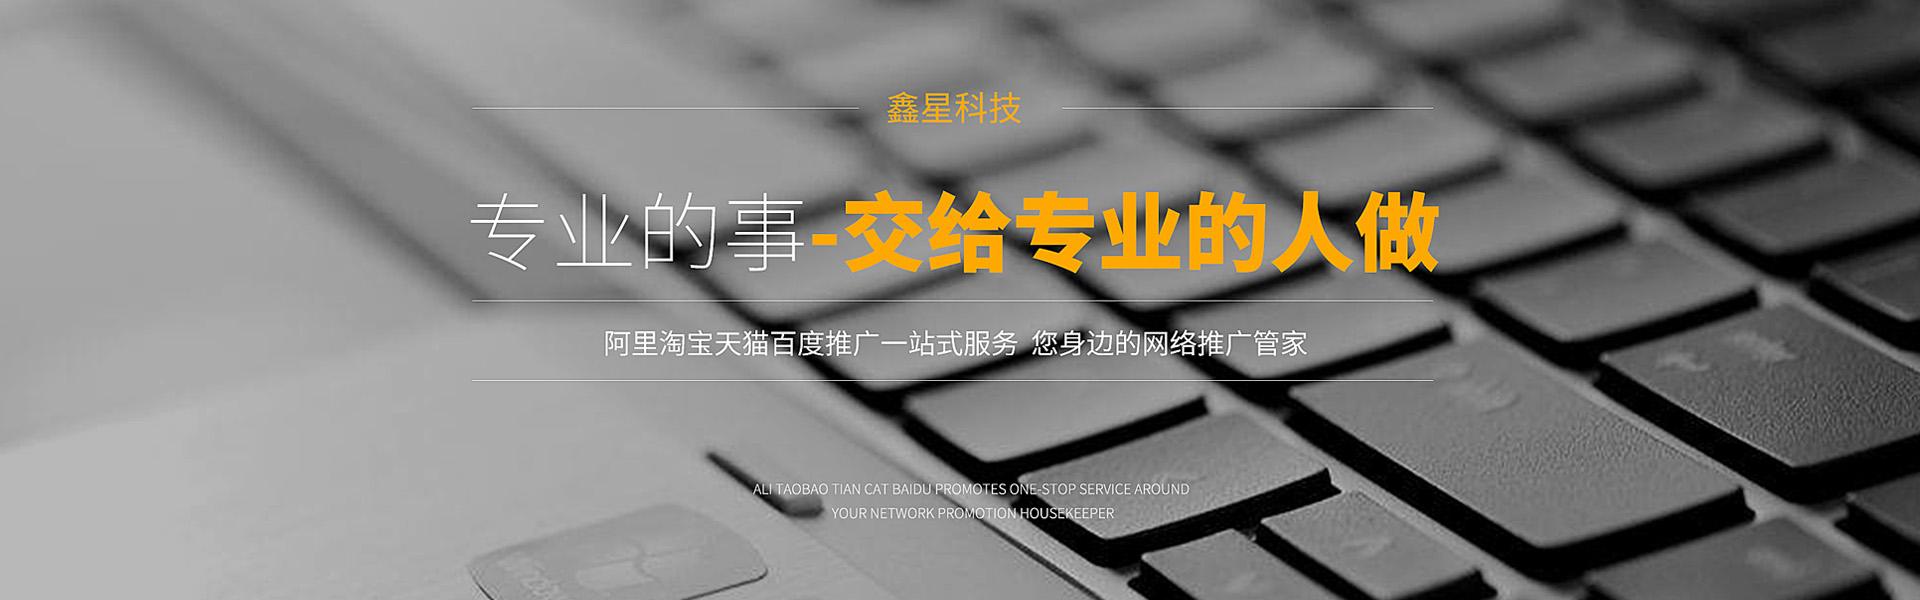 安徽鑫星banner2